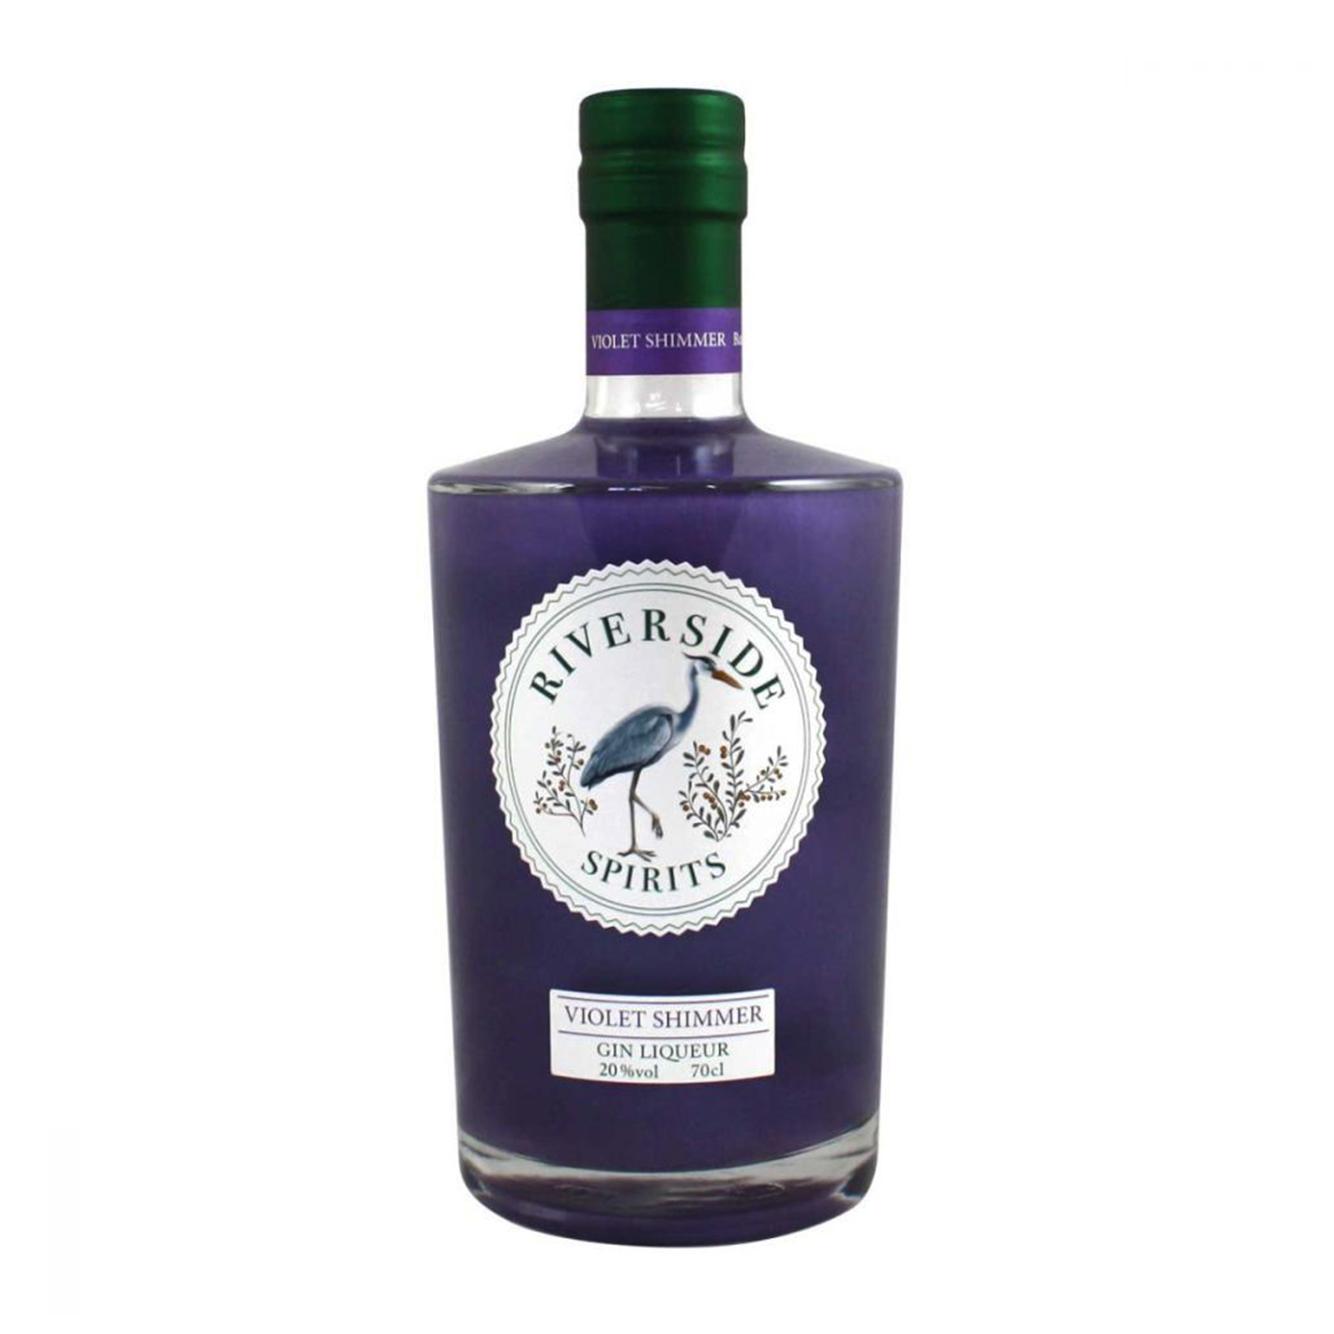 Riverside Spirits Violet Shimmer Gin Liqueur